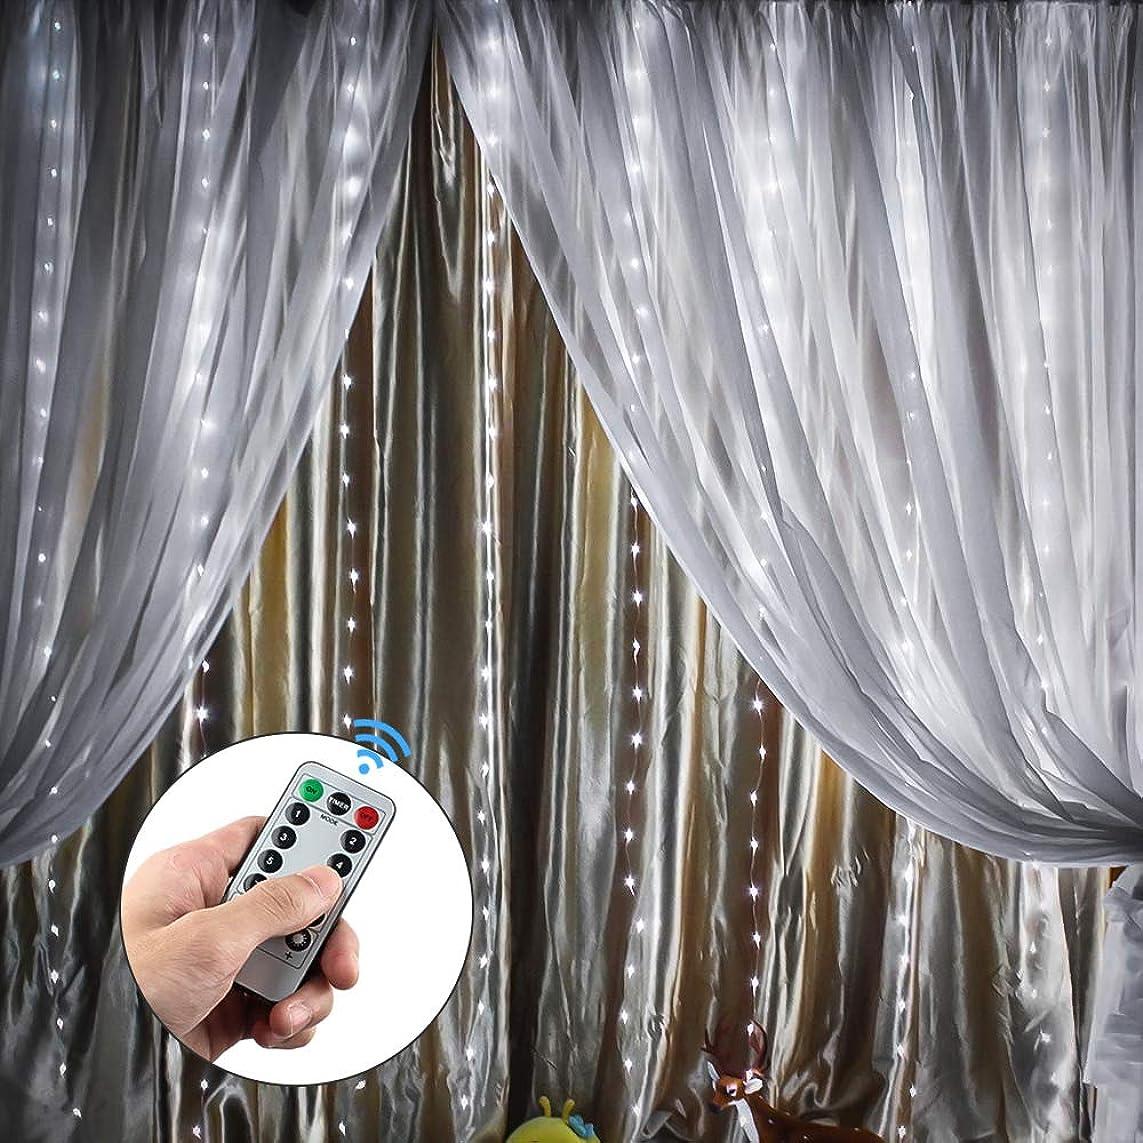 中国ラジエーター血MIYOLE イルミネーションライト カーテンライト 300LED電球 3M*3M USB給電式 ledストリングライト 寝室カーテン ハロウィン クリスマス 結婚式 パーティー 装飾用 ホワイト